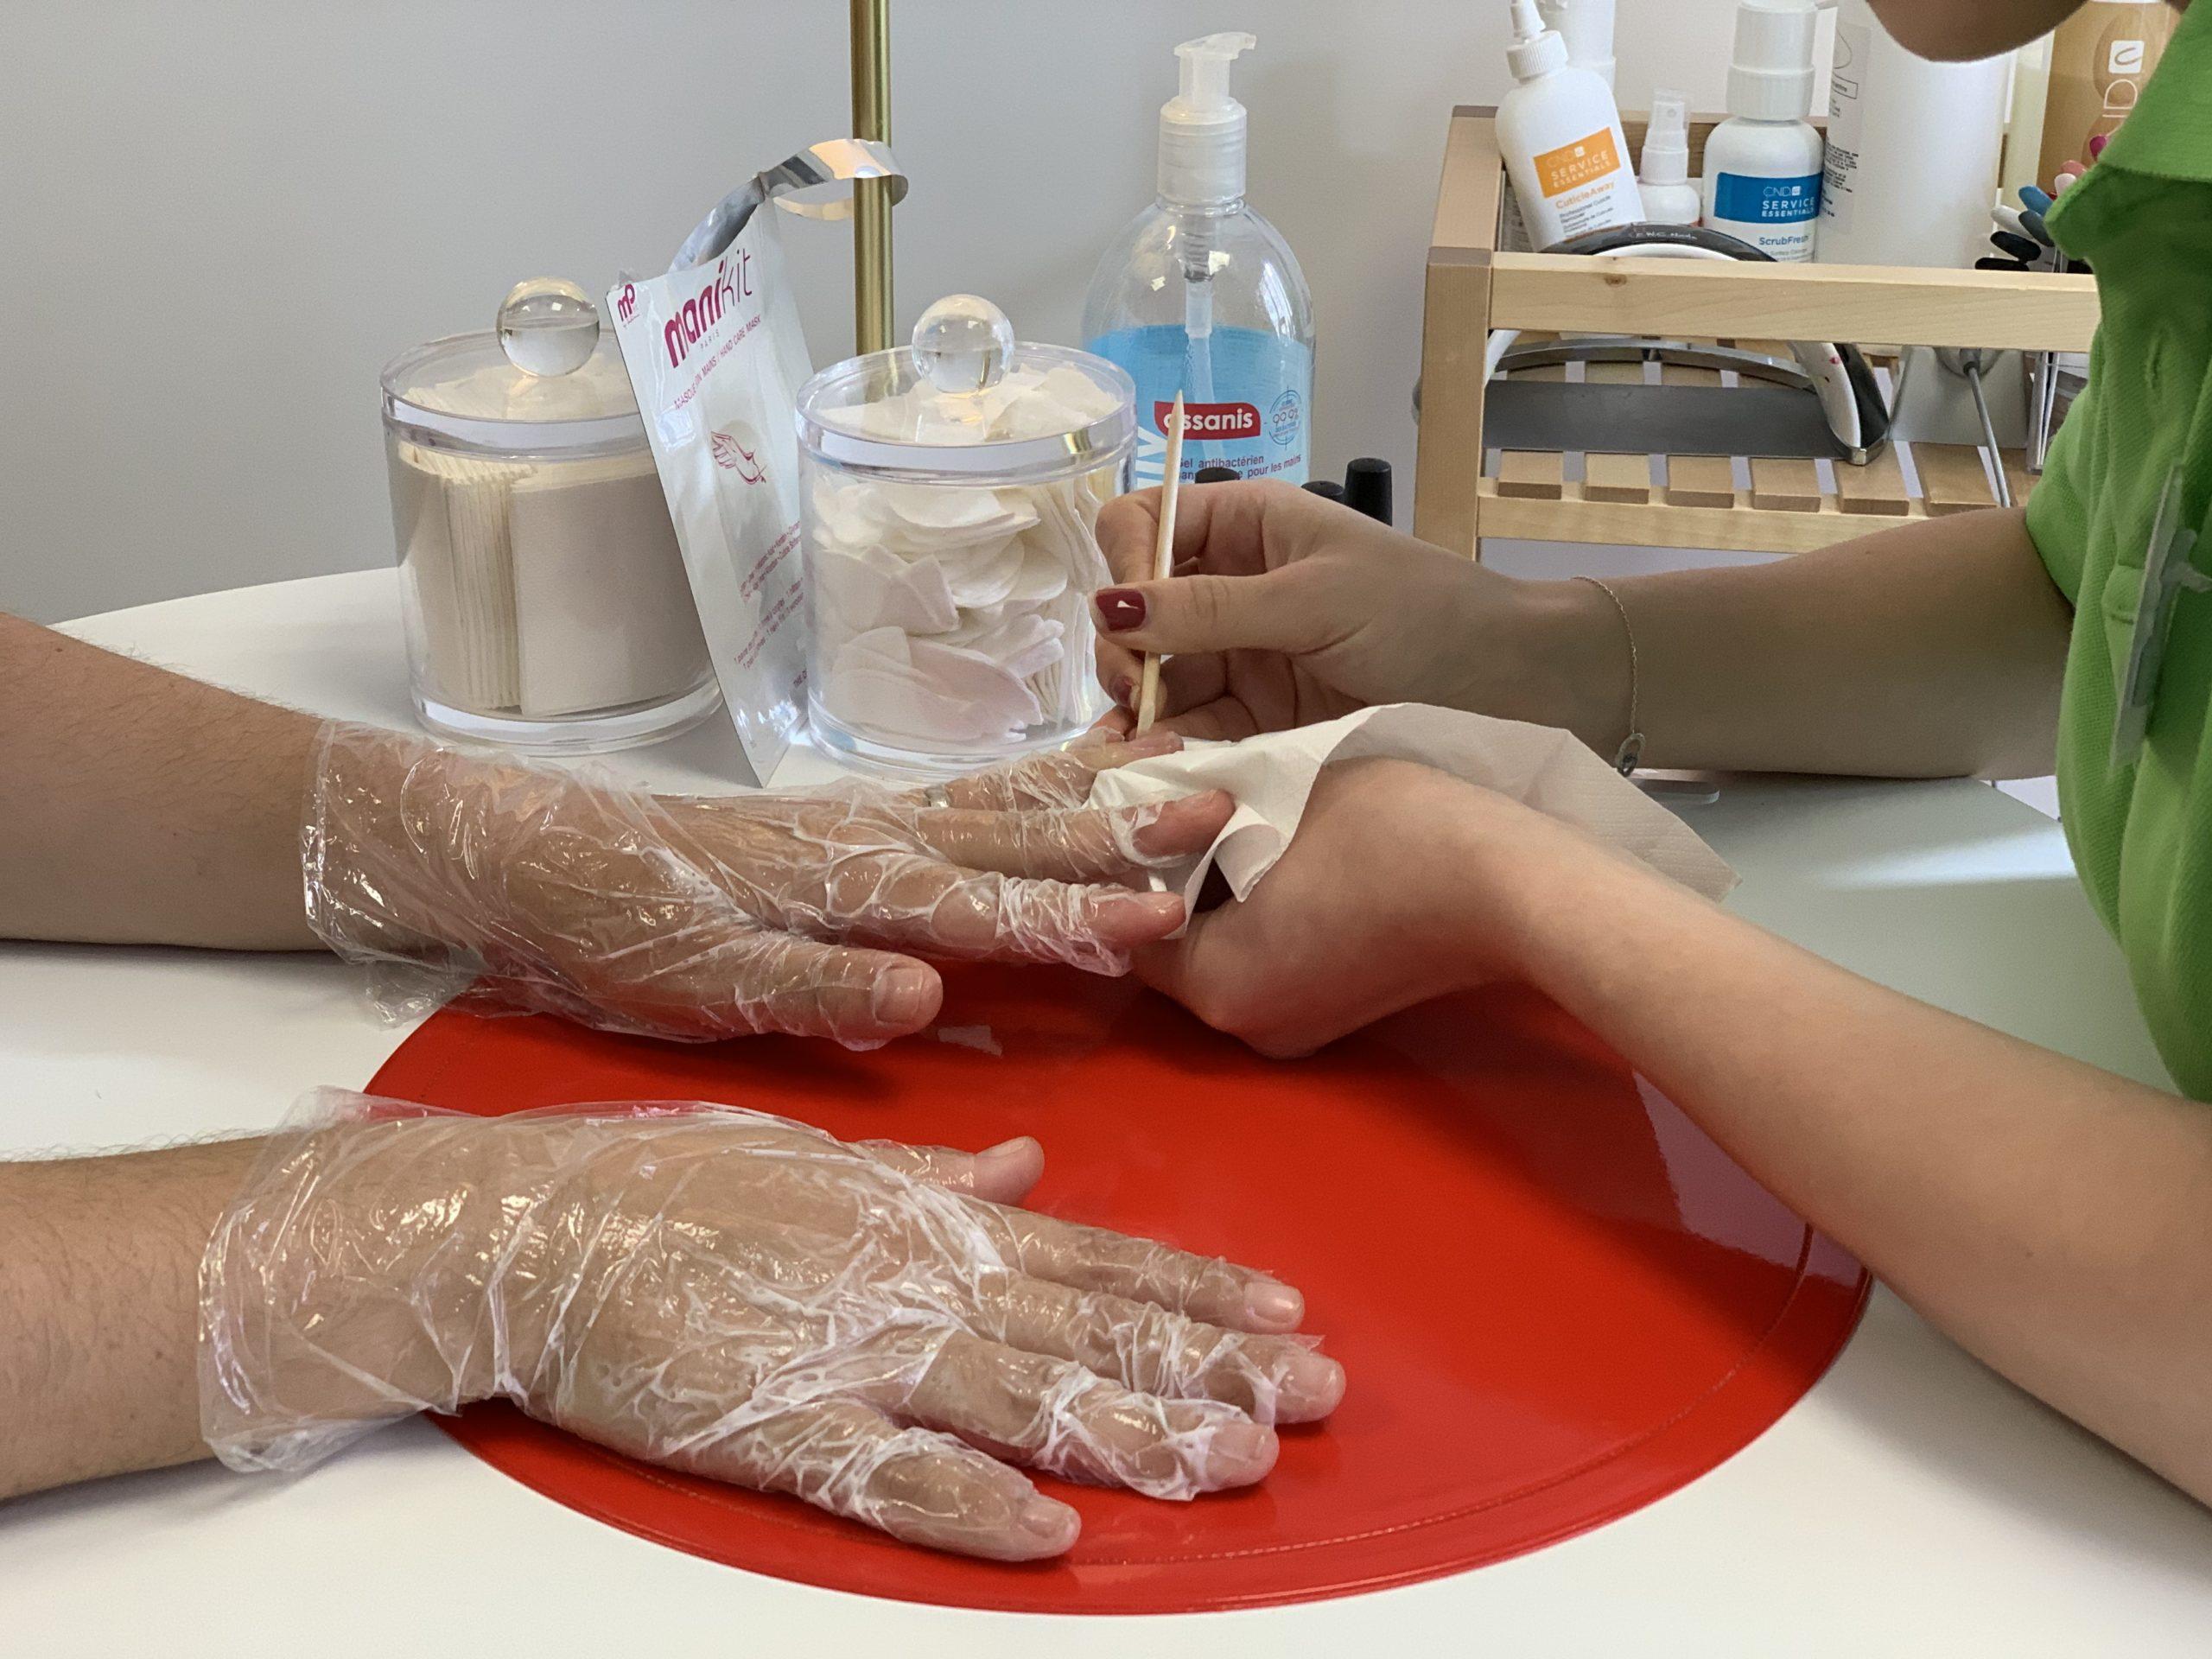 manucure-brésilienne-soin-mains-beautypopup-boulogne-billancourt